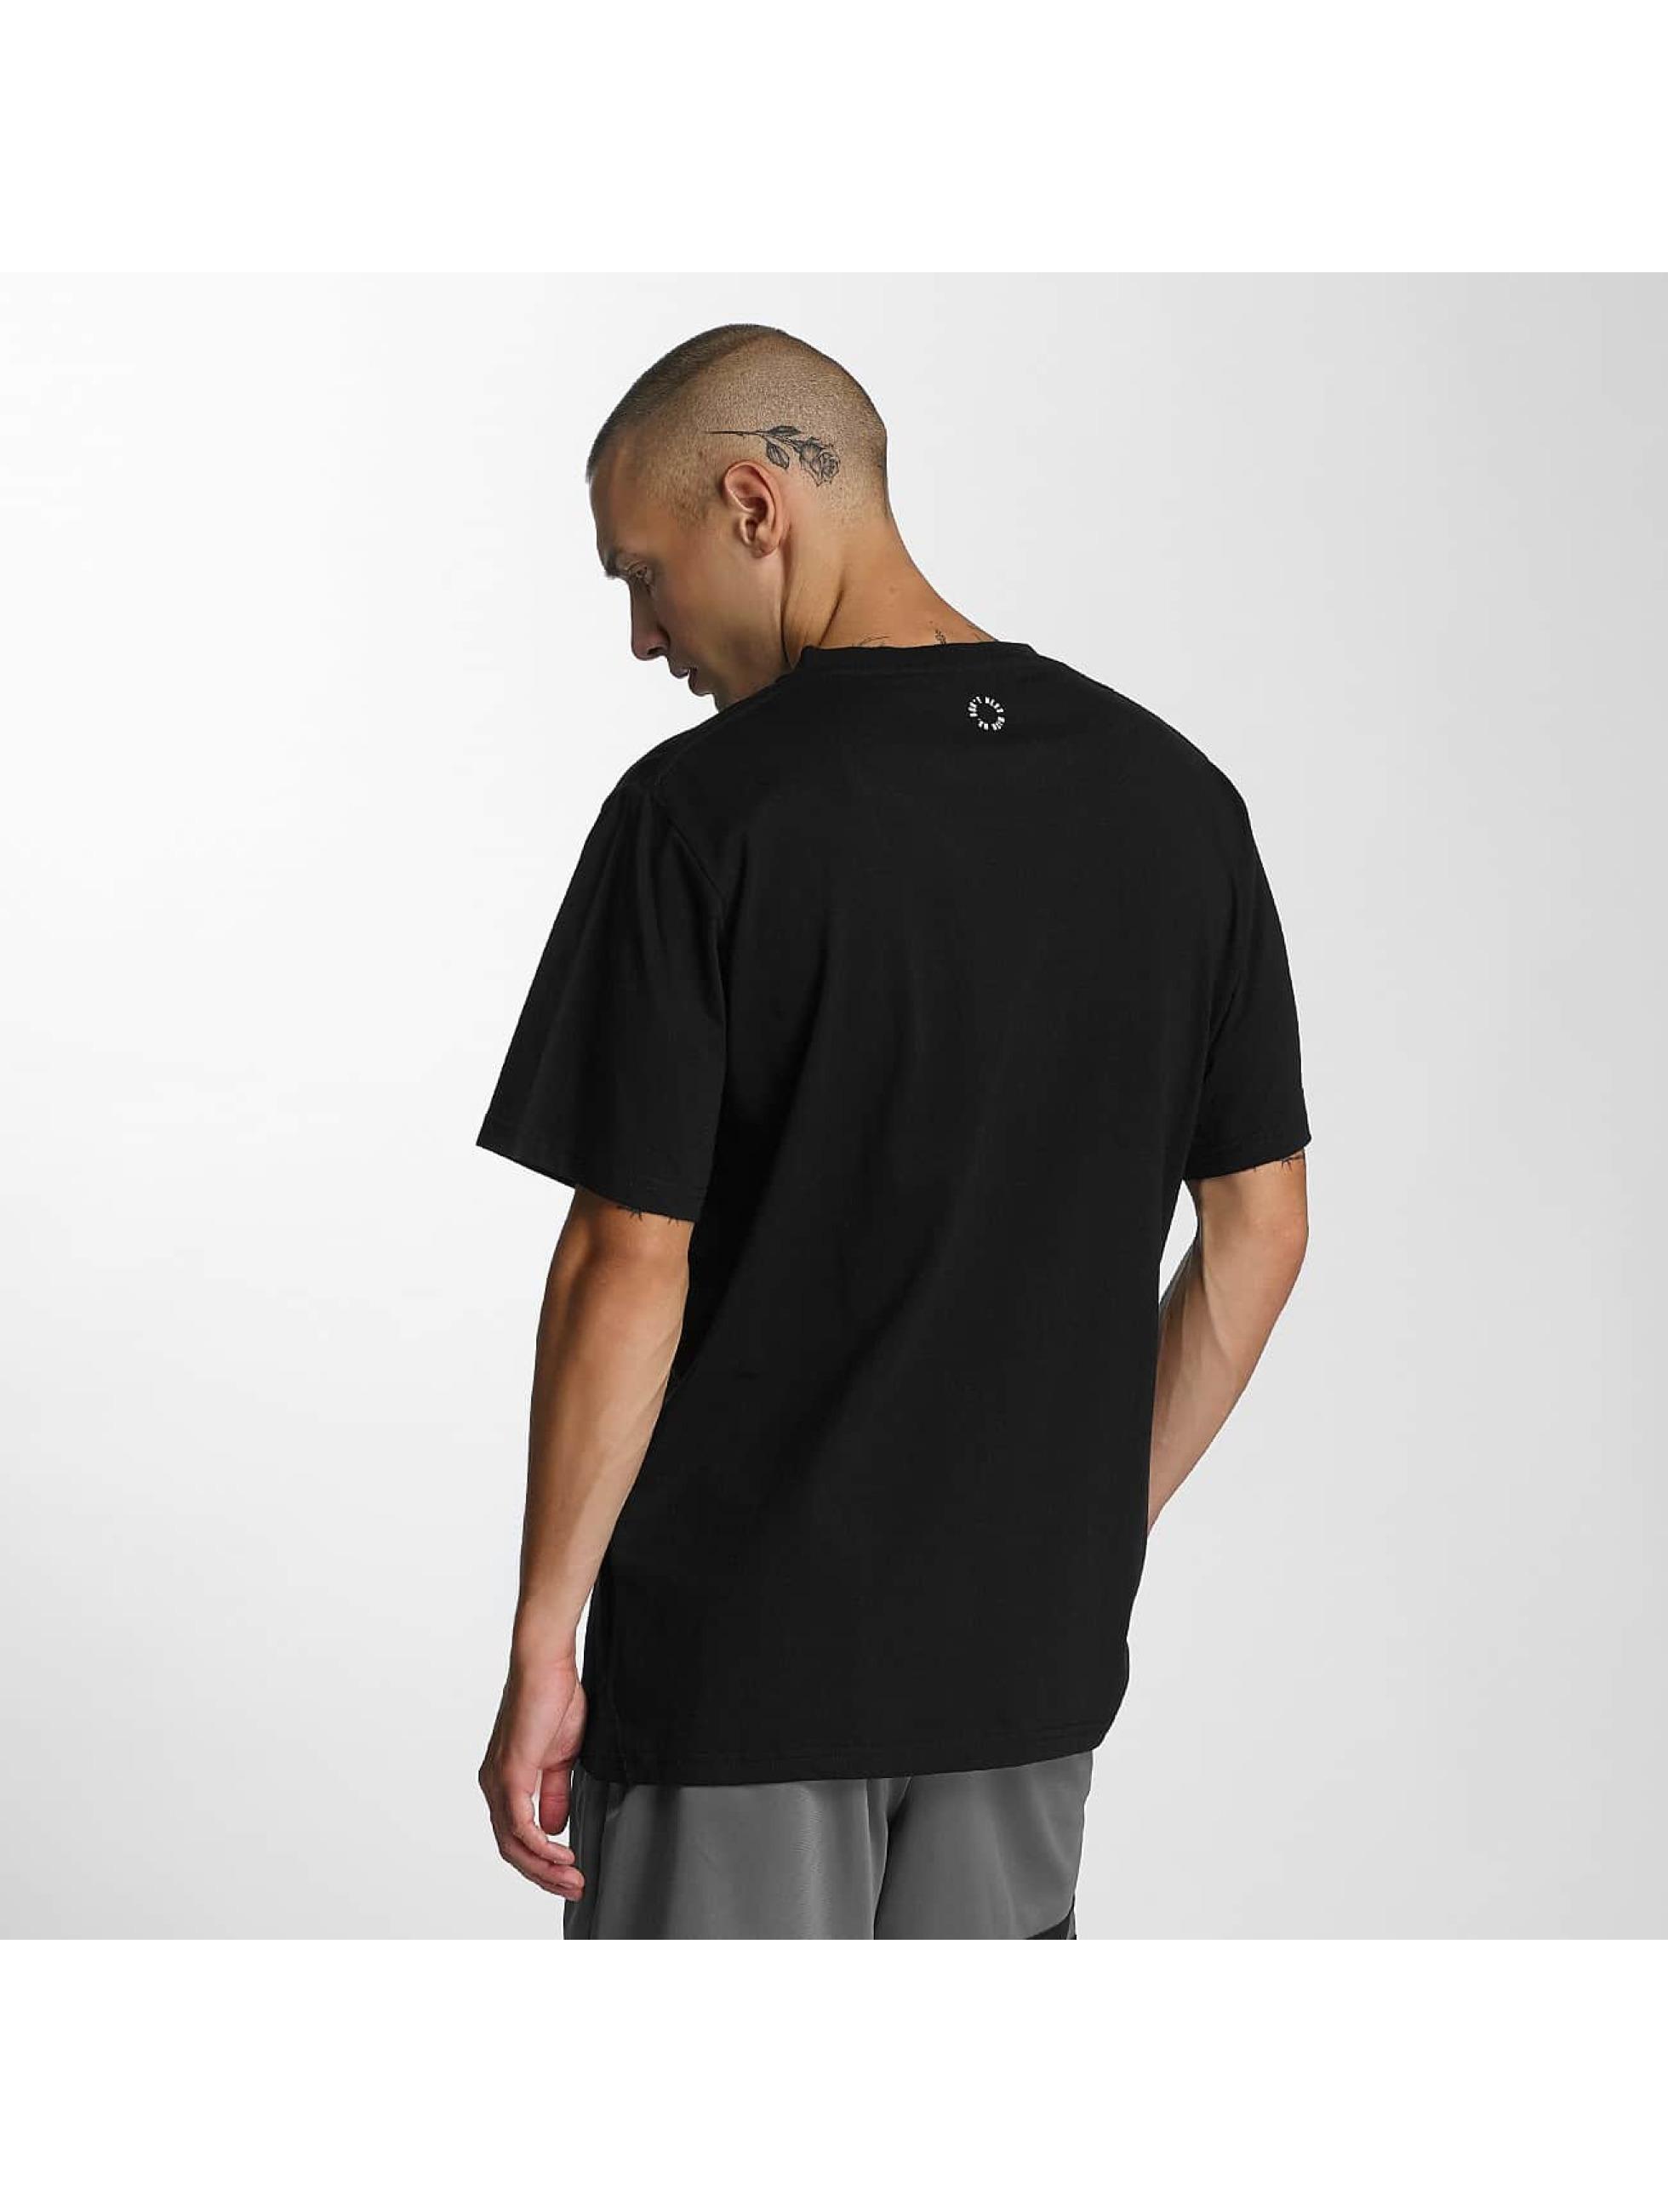 UNFAIR ATHLETICS T-Shirt Statement schwarz